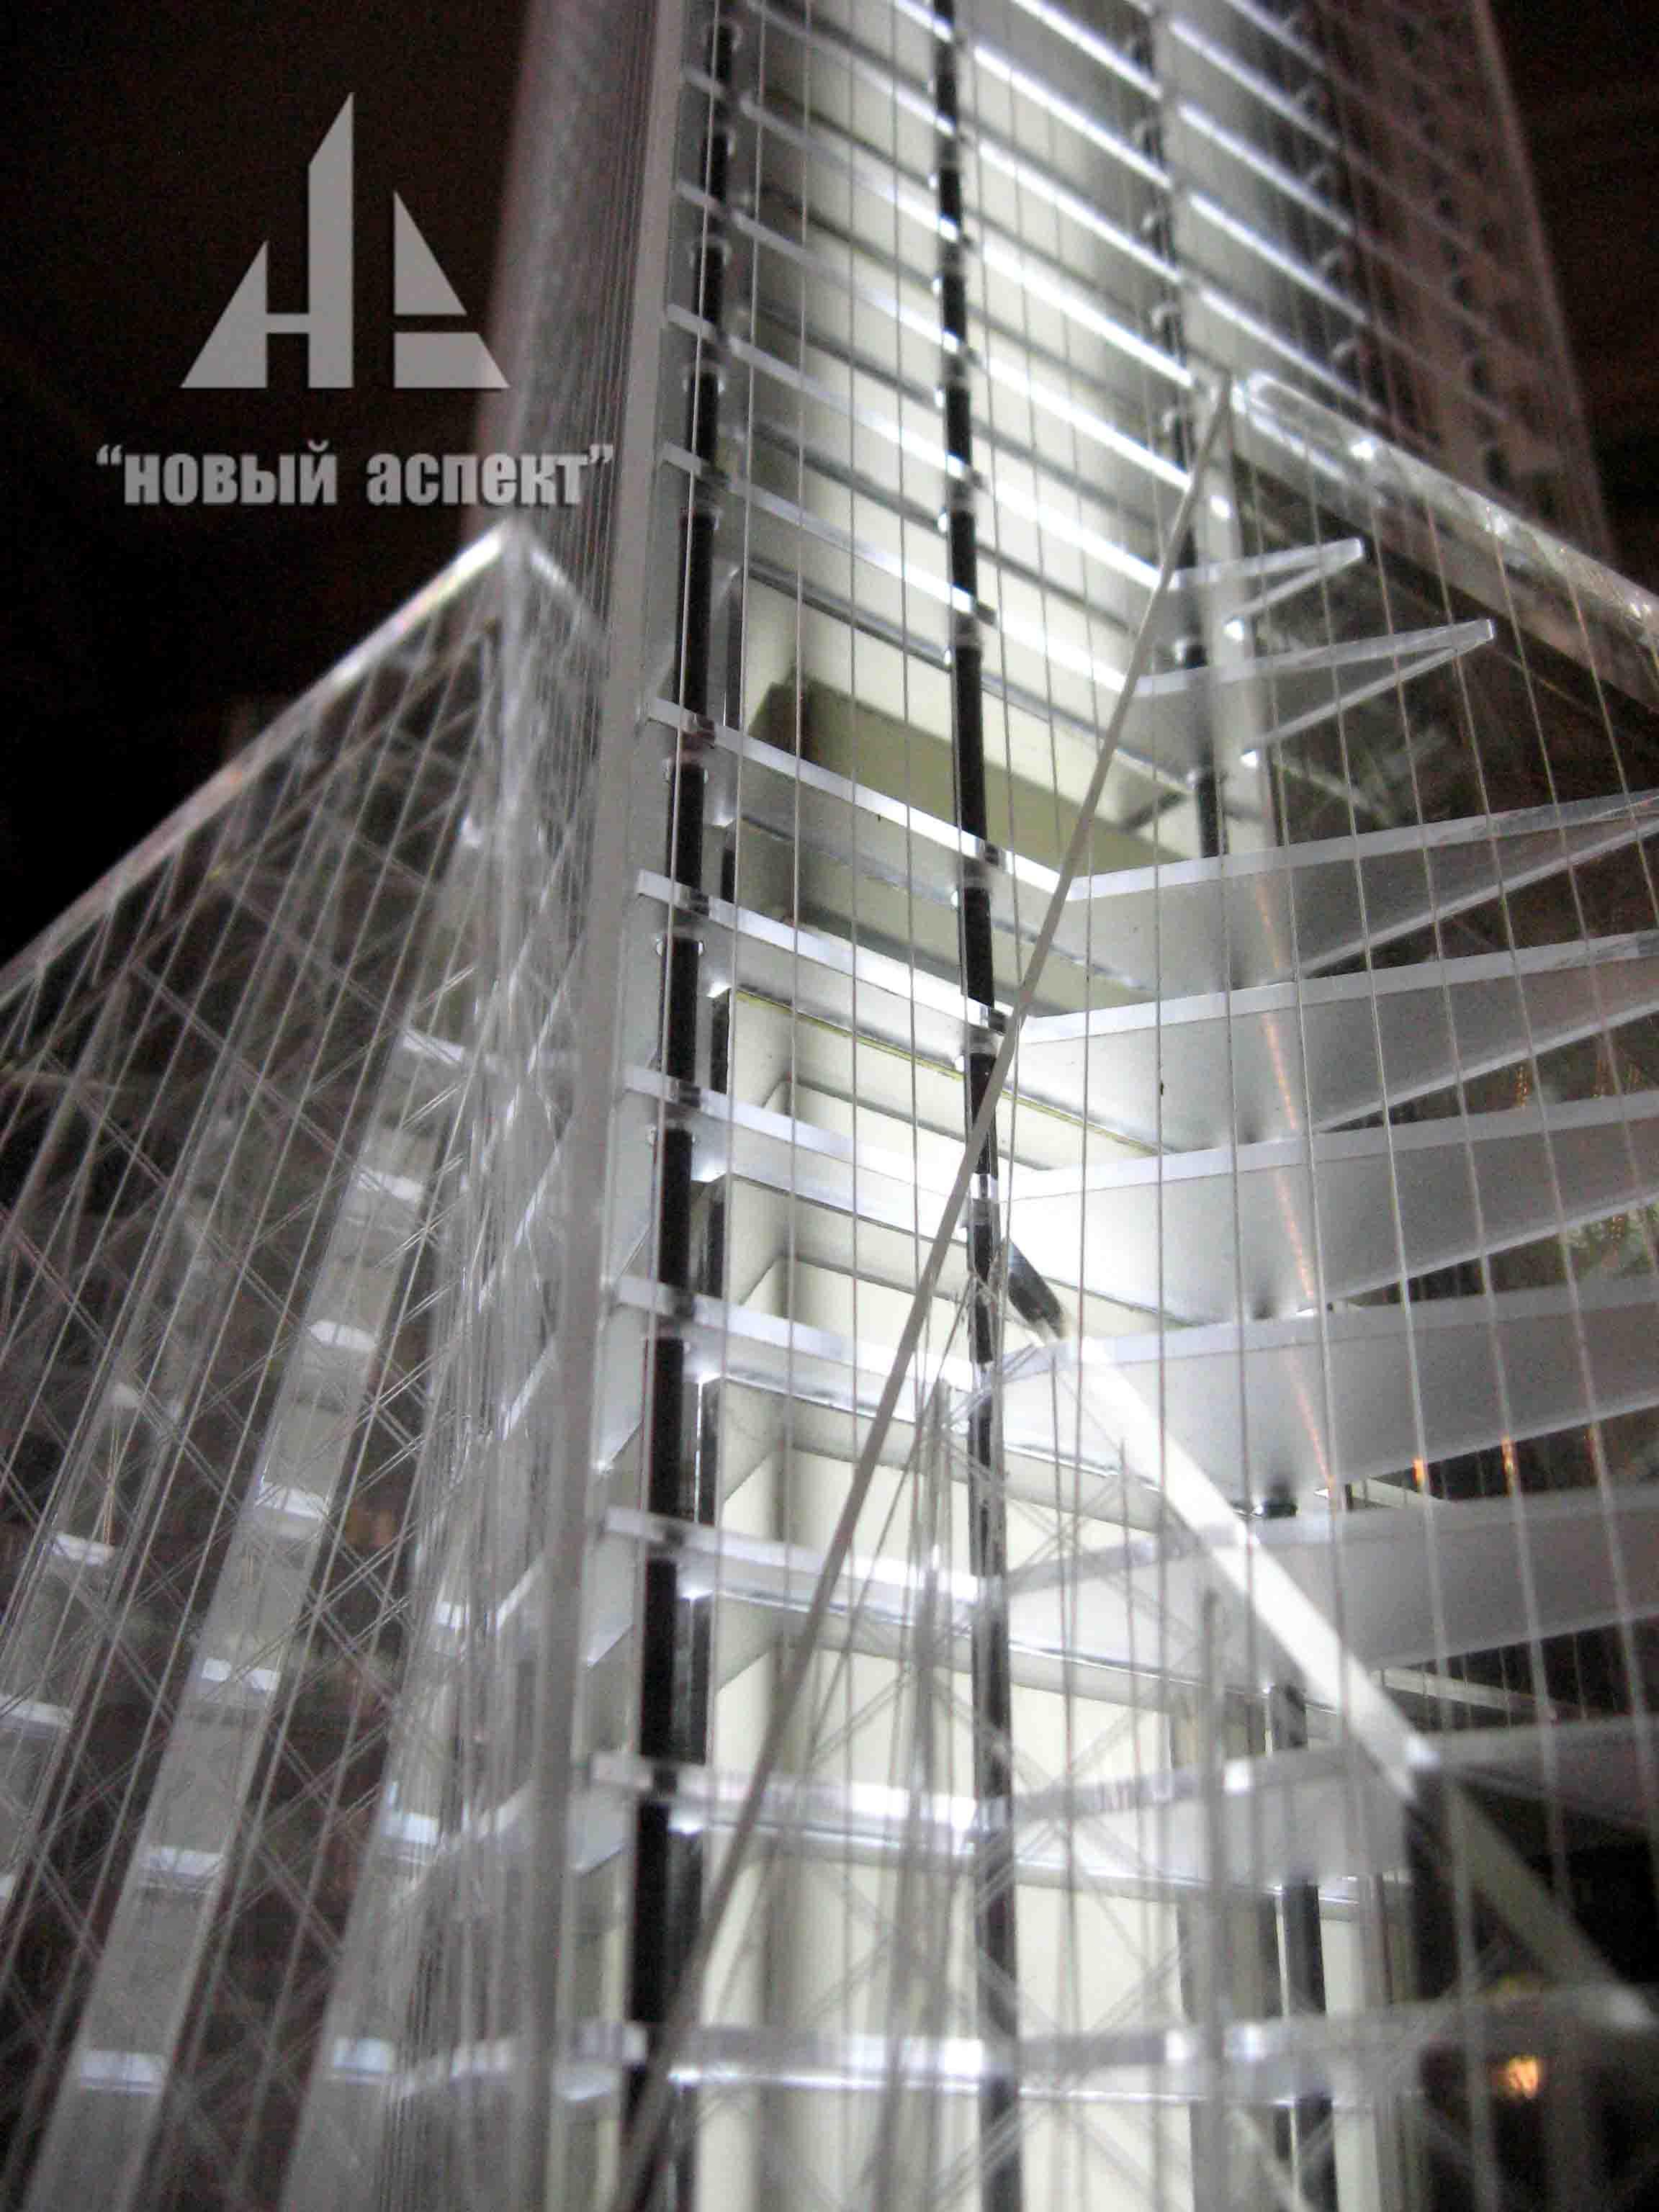 Макеты общественных зданий 4